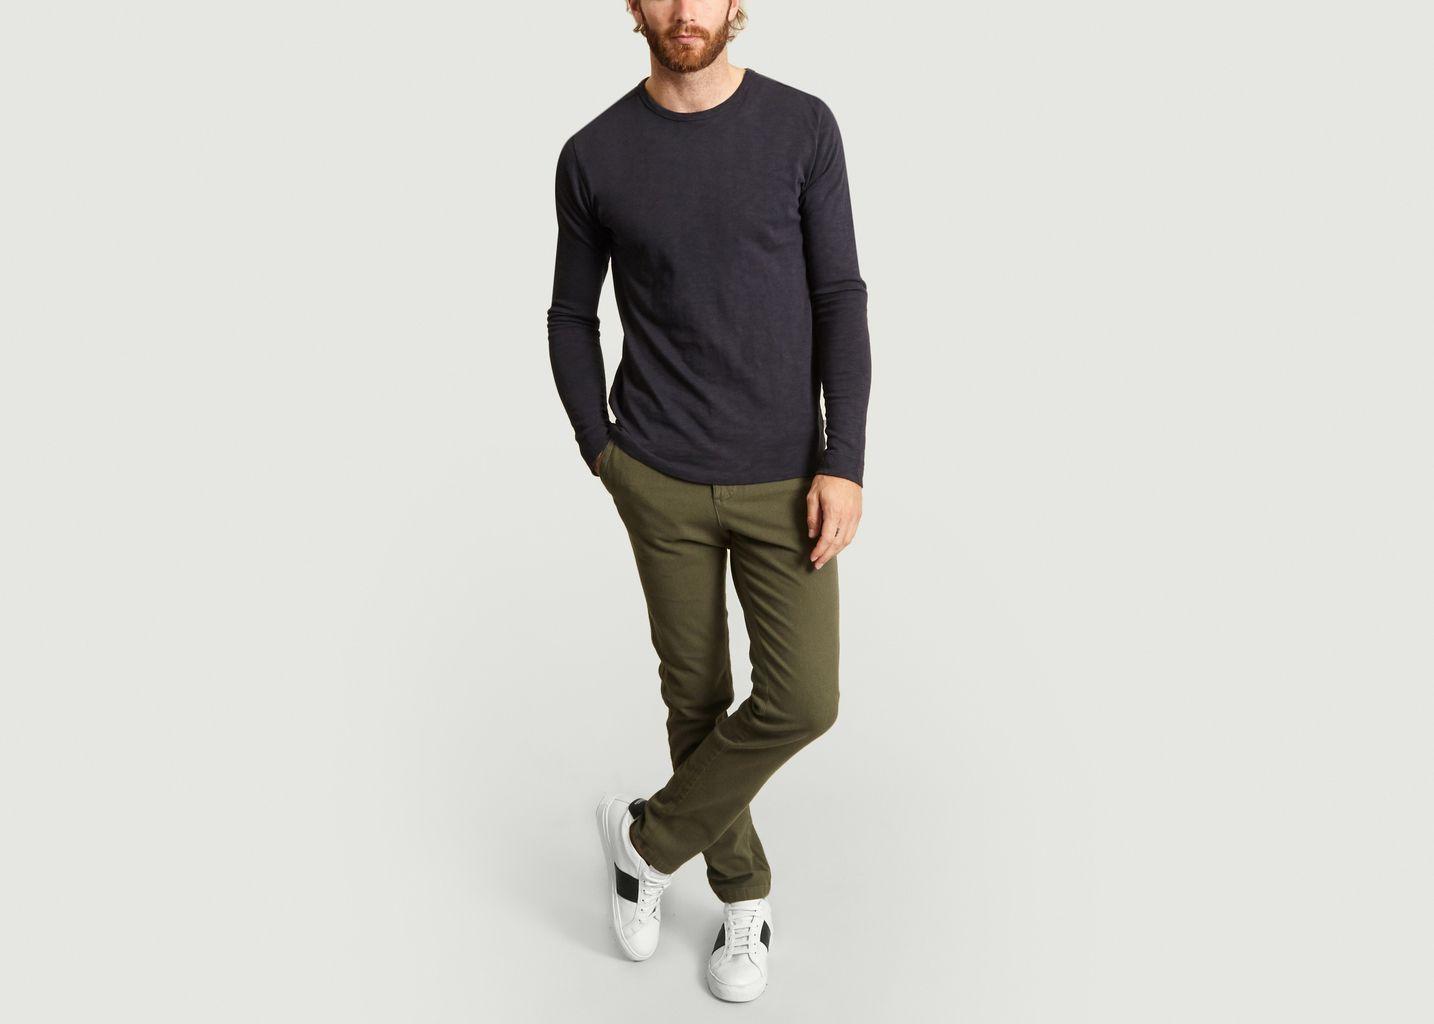 T-Shirt Manches Longues Elm - Knowledge Cotton Apparel